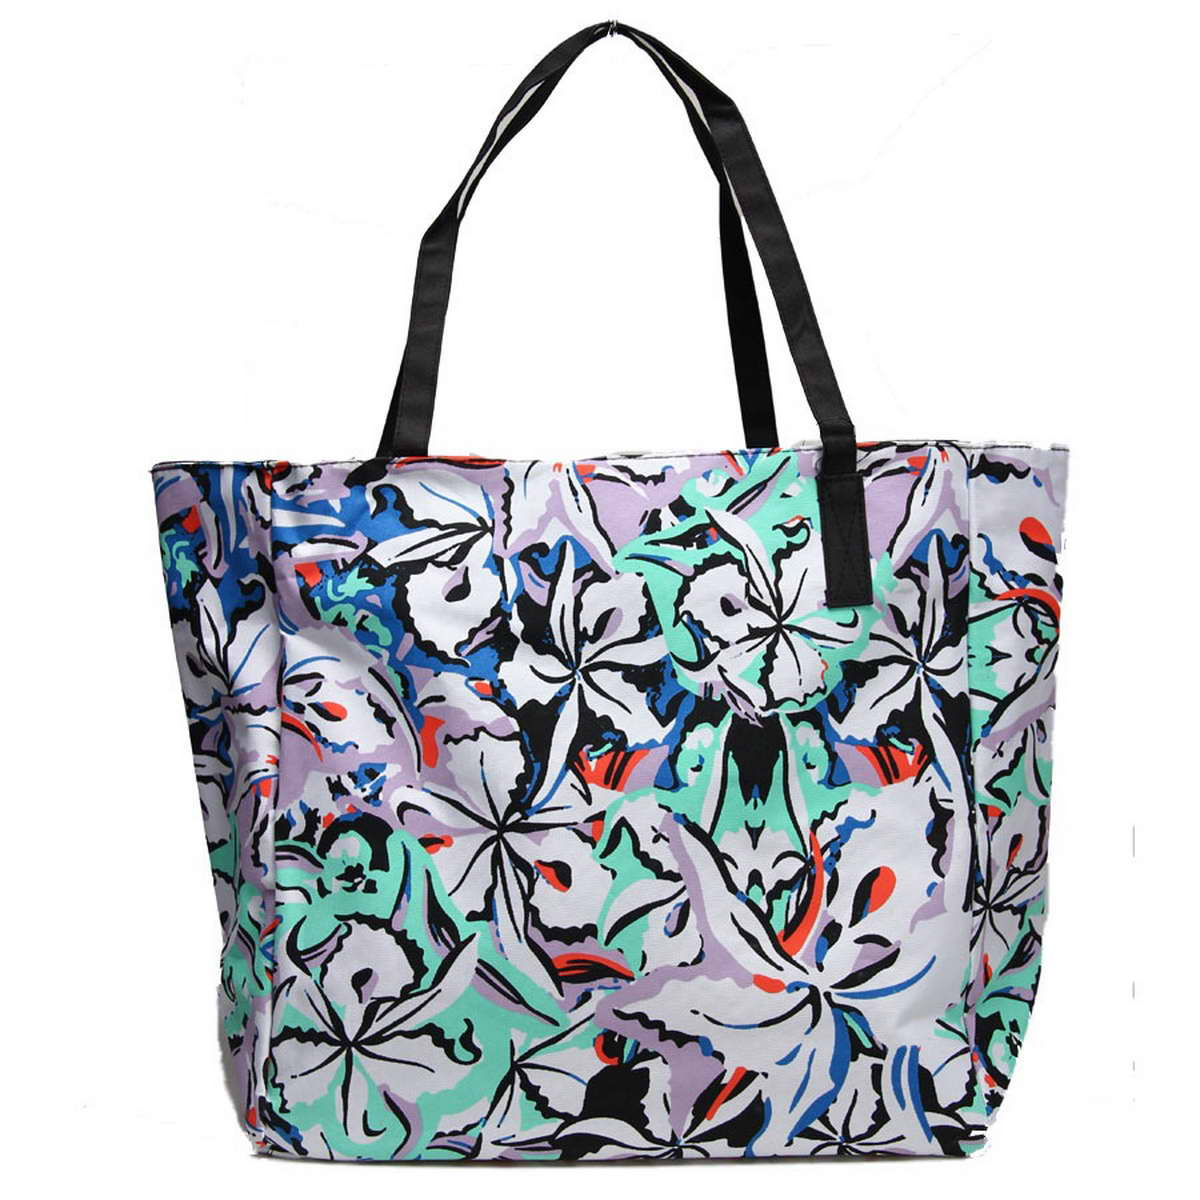 Сумка пляжная Venera, цвет: синий, белый, бирюза. 1200556-1/123008Отличная пляжная сумка станет чудесным аксессуаром этого сезона, а стильный дизайн и средние размеры позволят Вам вместить все нужные вещи.